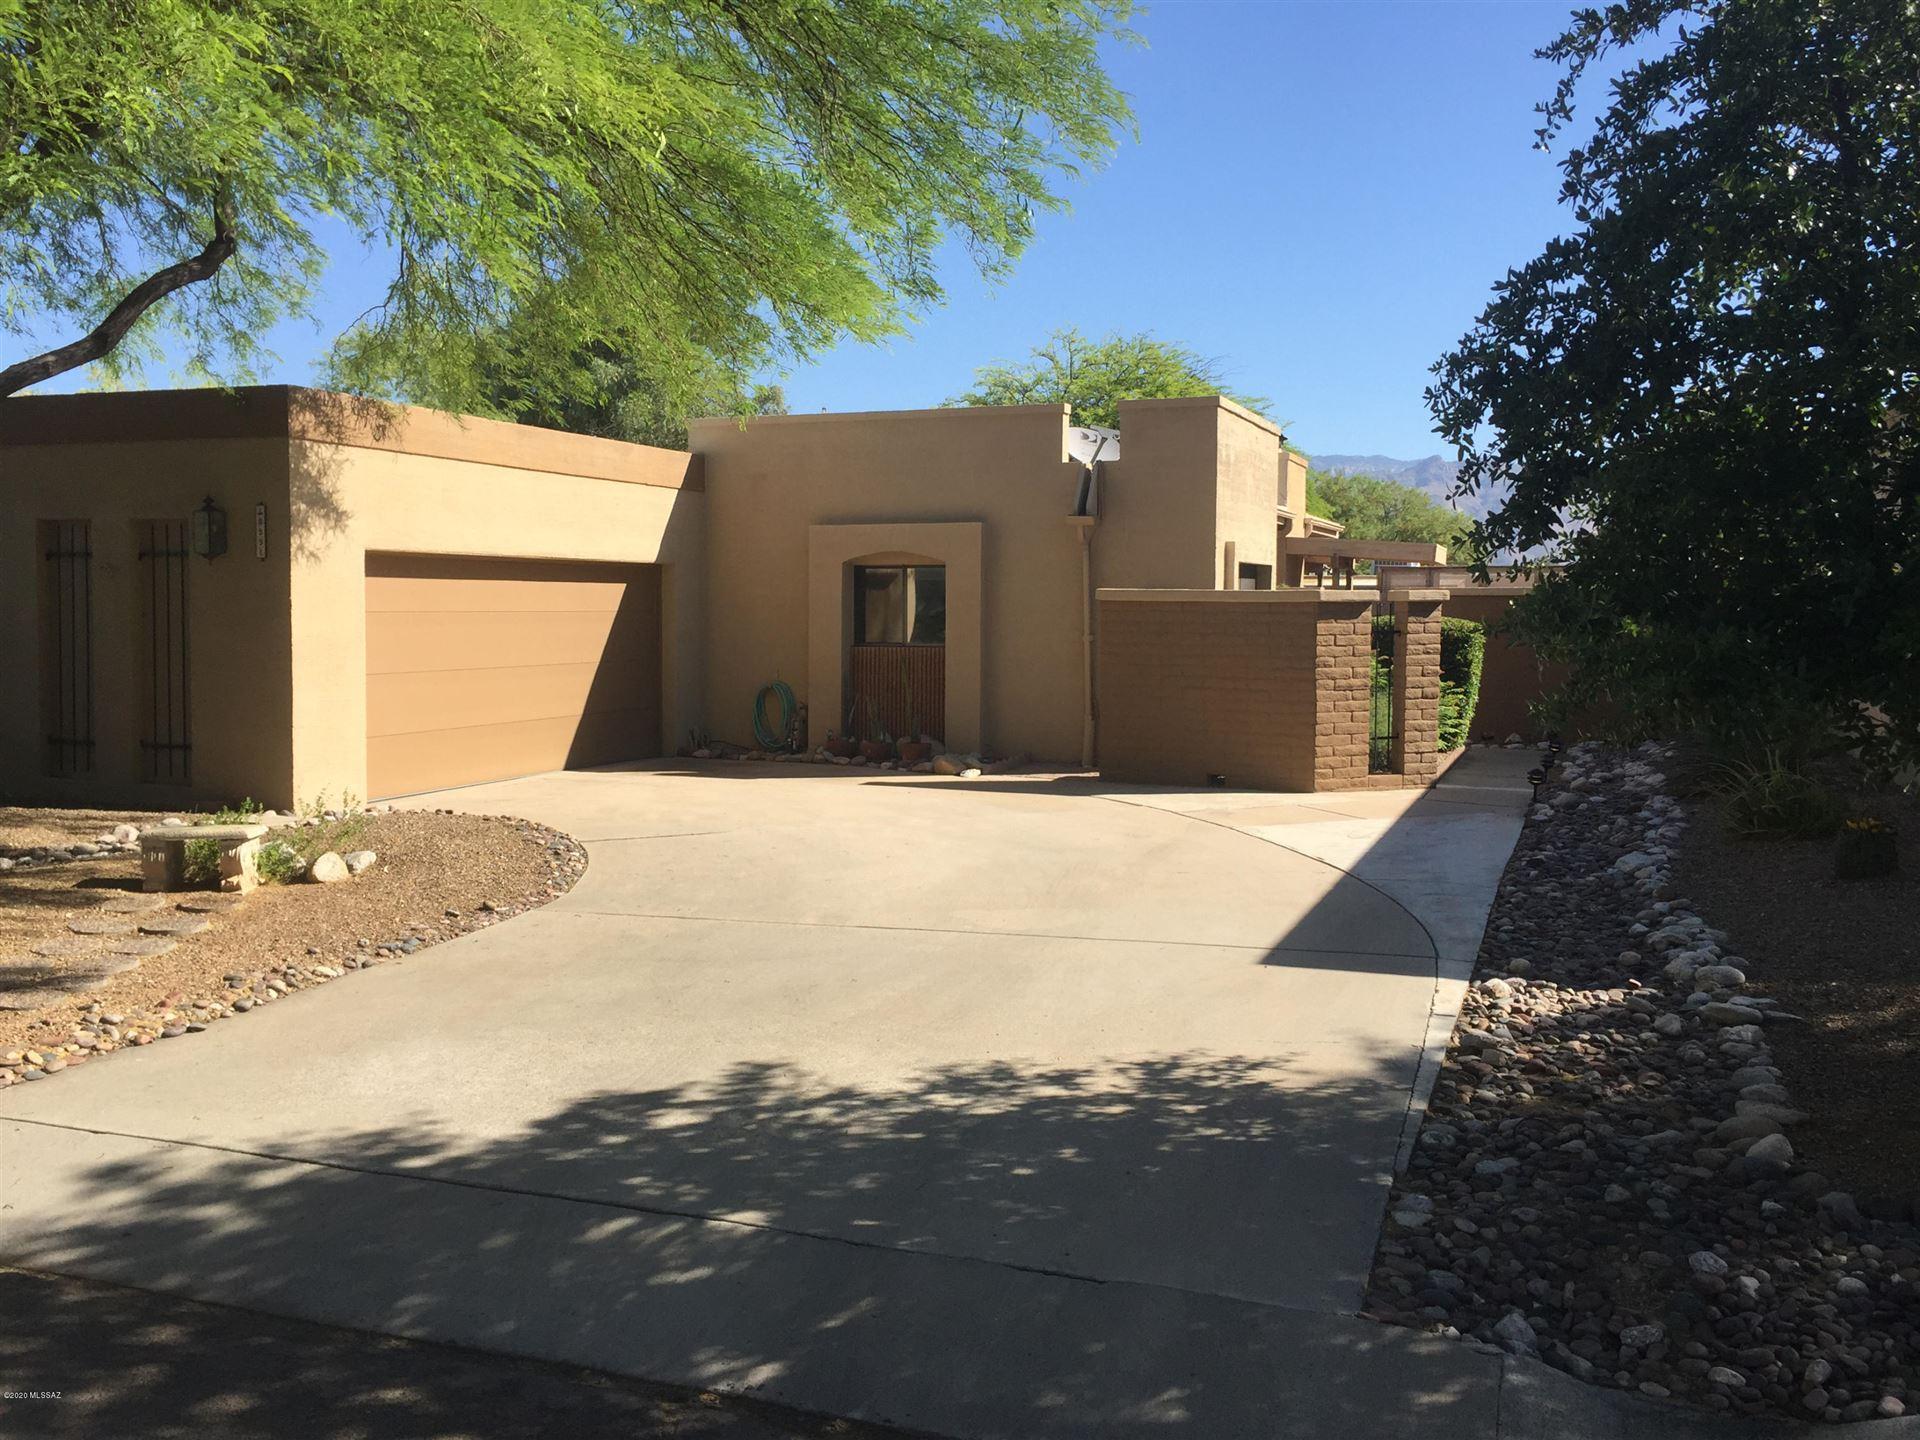 8991 E Linden Street, Tucson, AZ 85715 - MLS#: 22013273